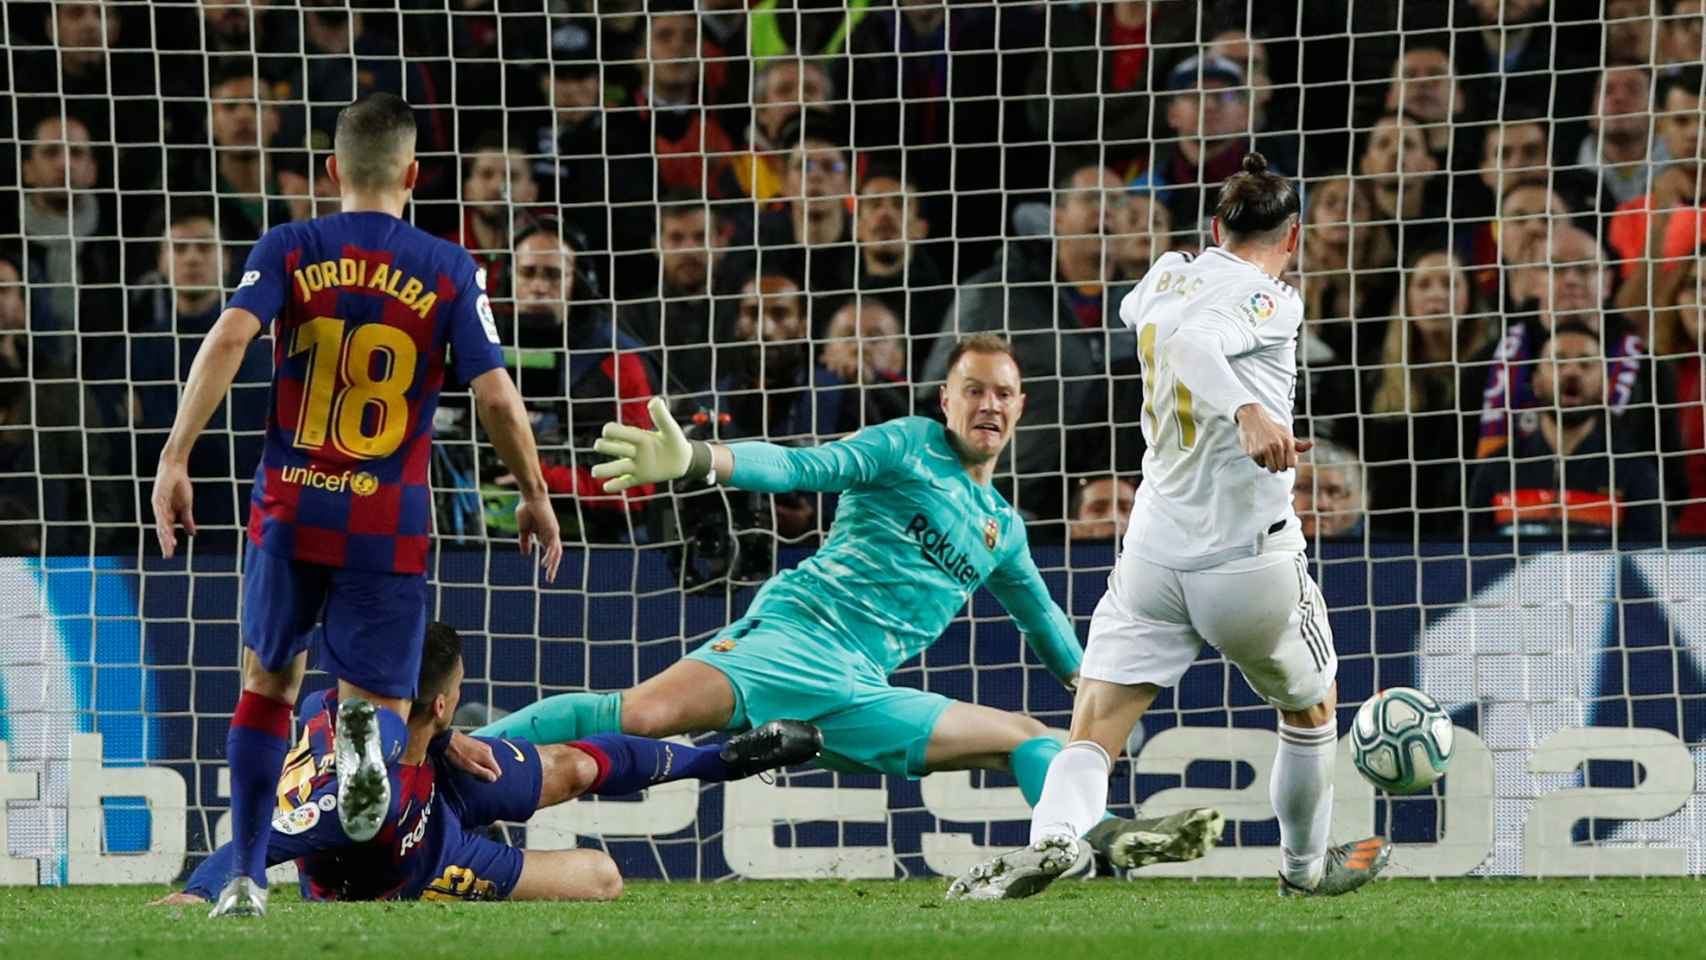 Gareth Bale empuja el balón a la red pero el gol fue anulado por fuera de juego previo